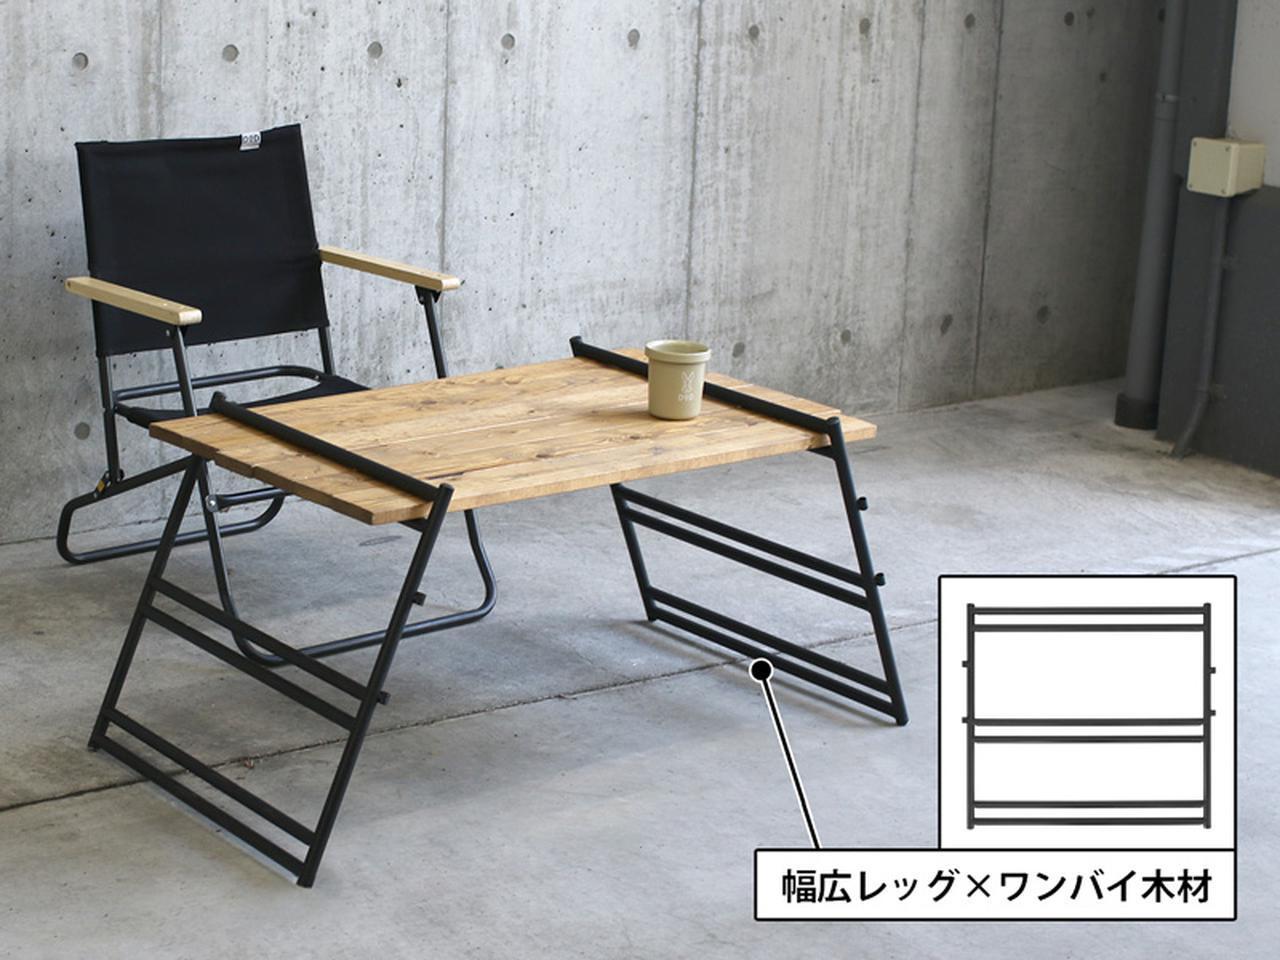 画像: テーブルレッグとしても使用可能